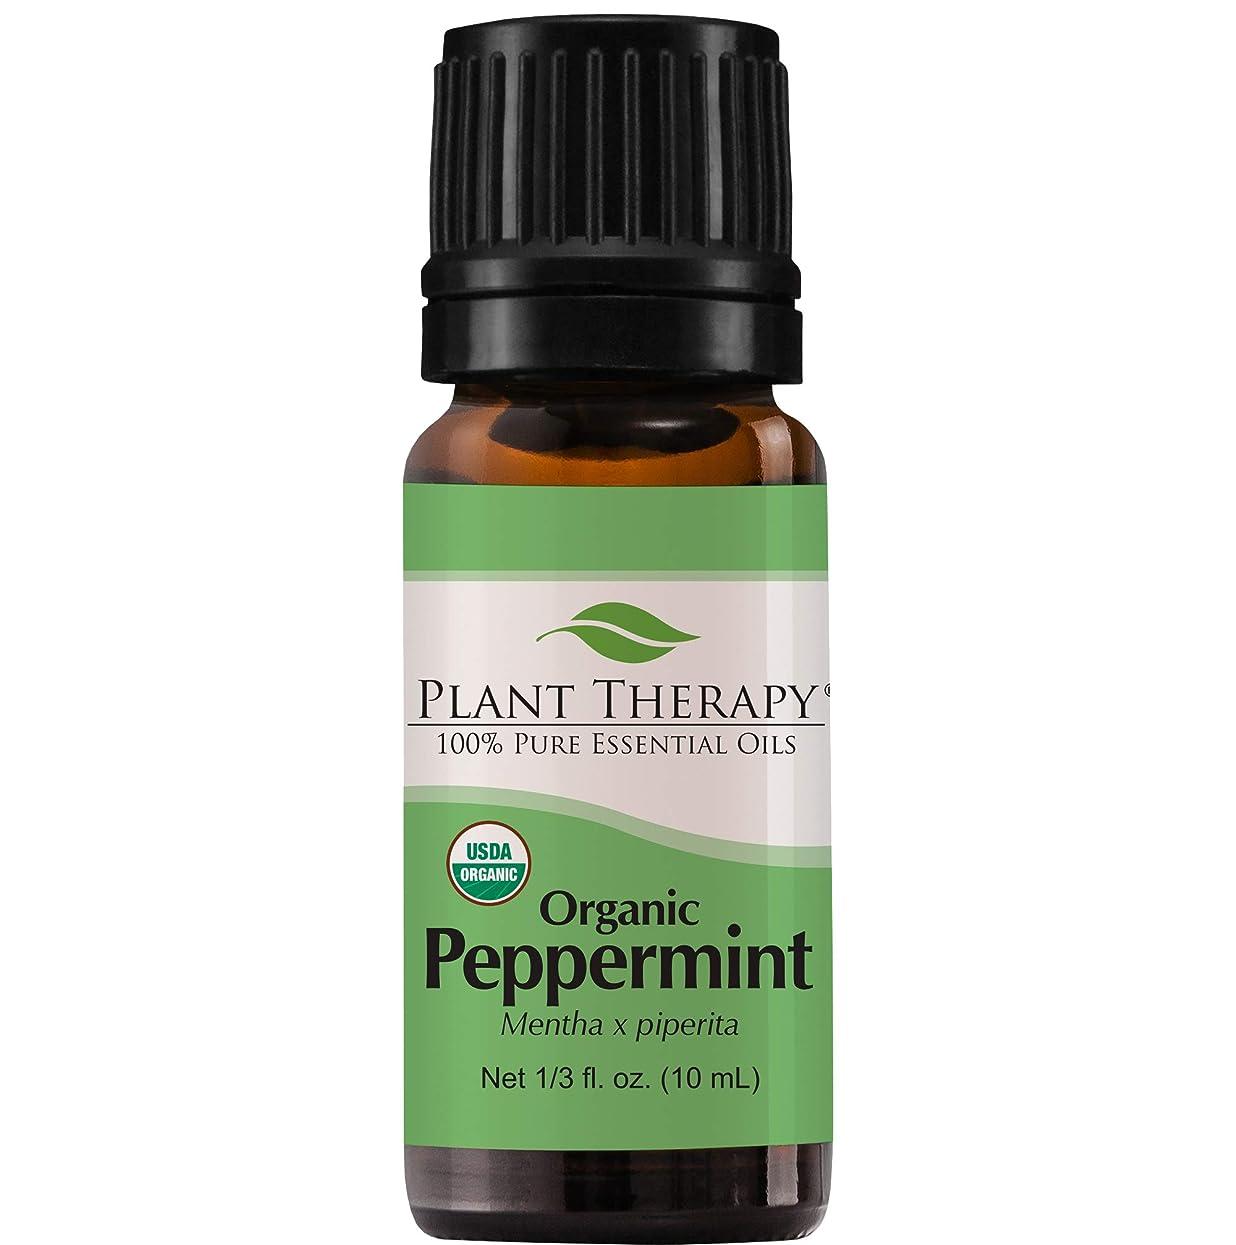 接ぎ木コンテスト延期するPlant Therapy Essential Oils (プラントセラピー エッセンシャルオイル) オーガニック ペパーミント エッセンシャルオイル